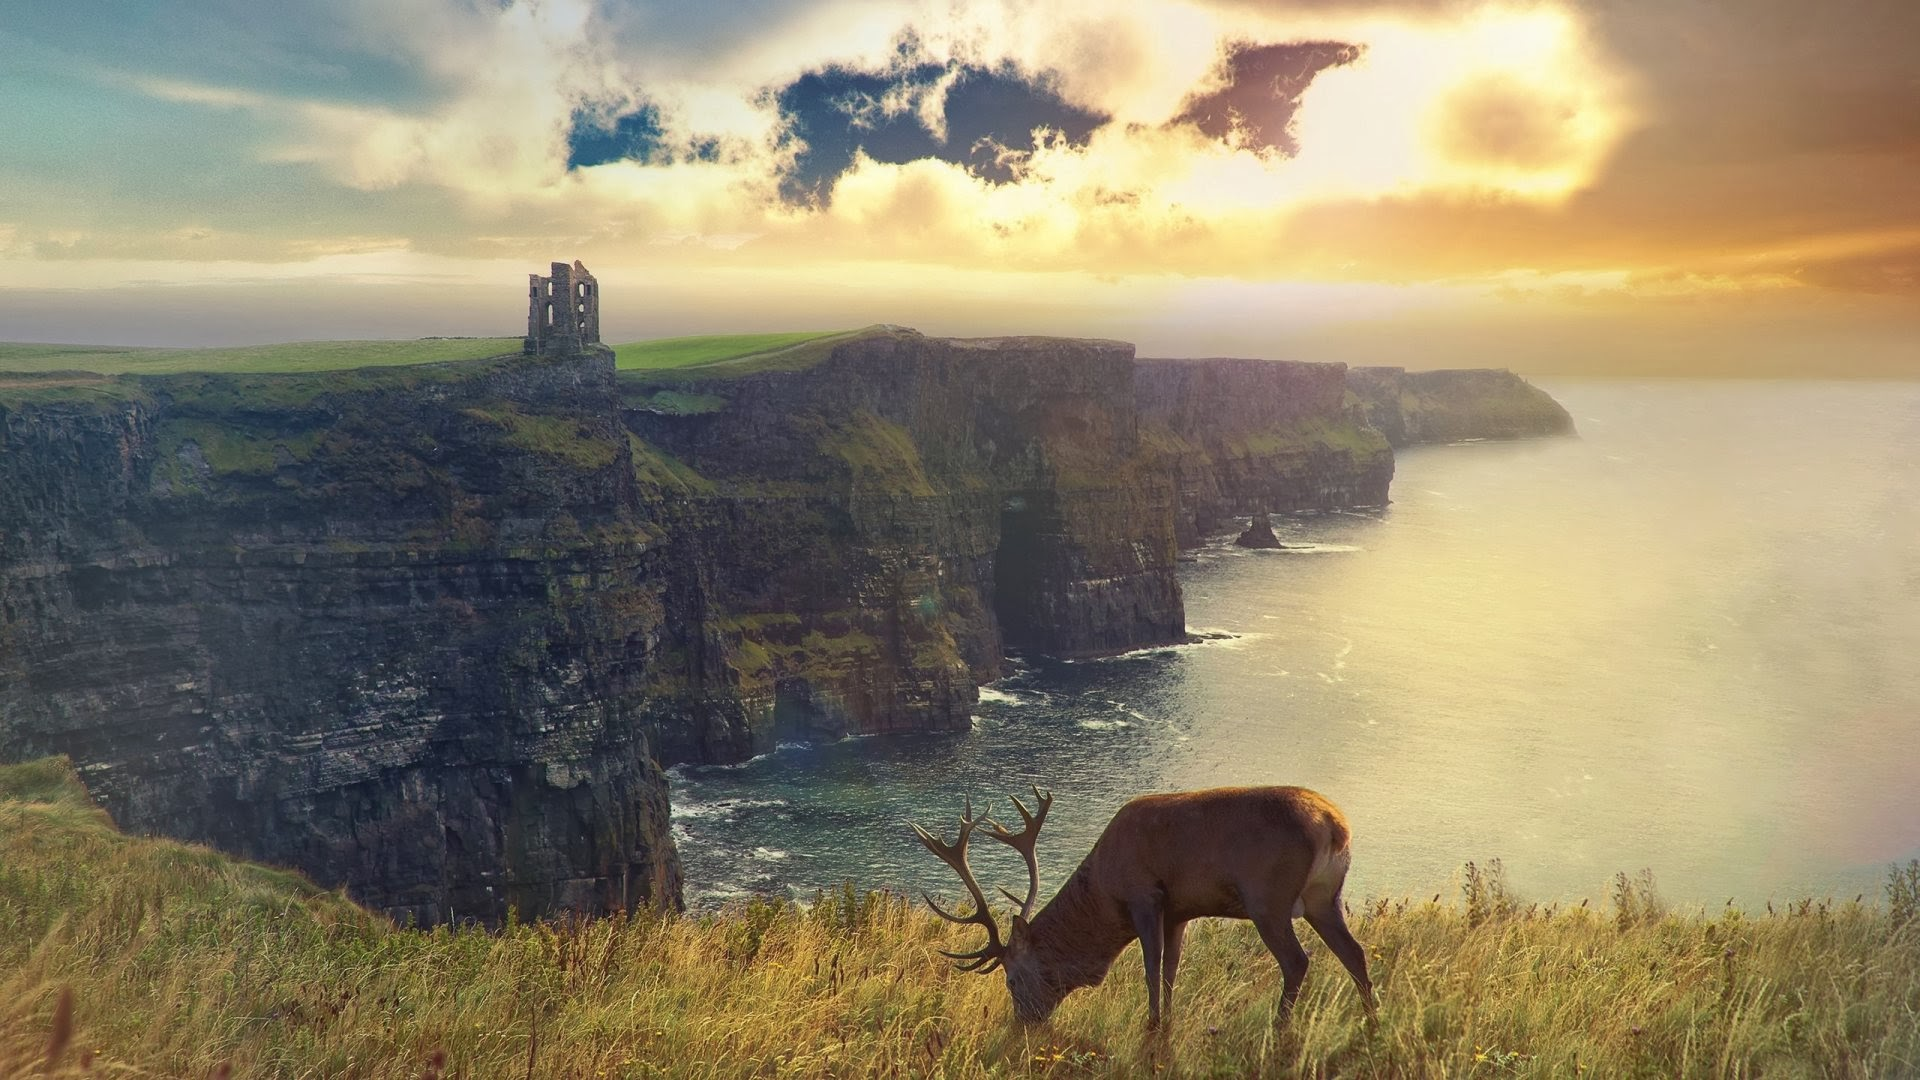 landscape wallpaper pack download